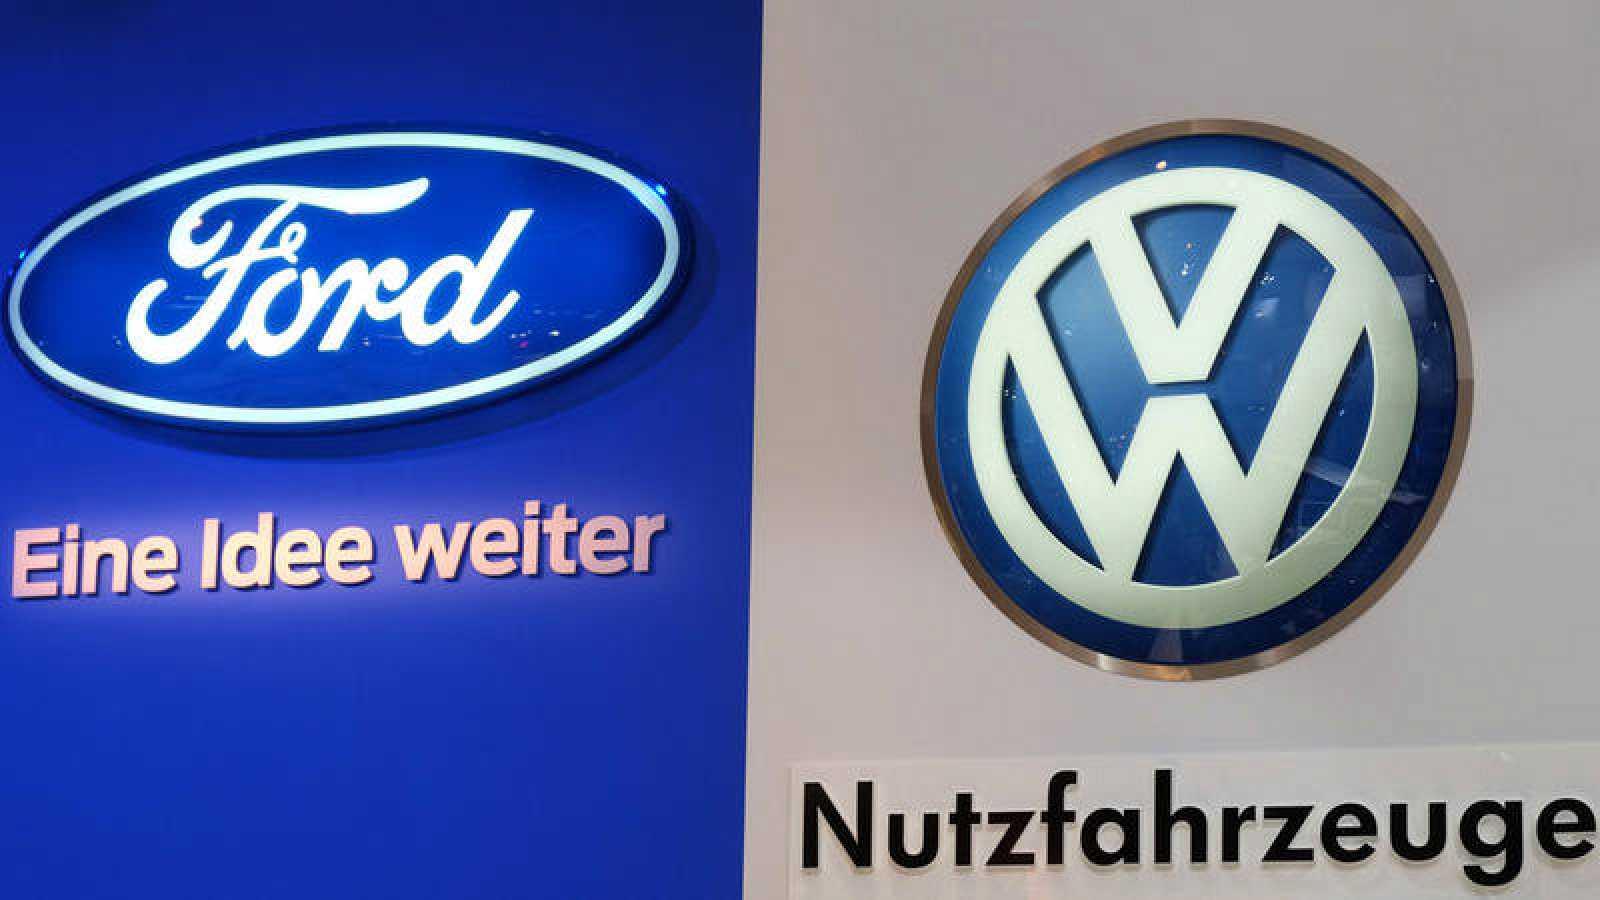 Logos de Ford y Volkswagen